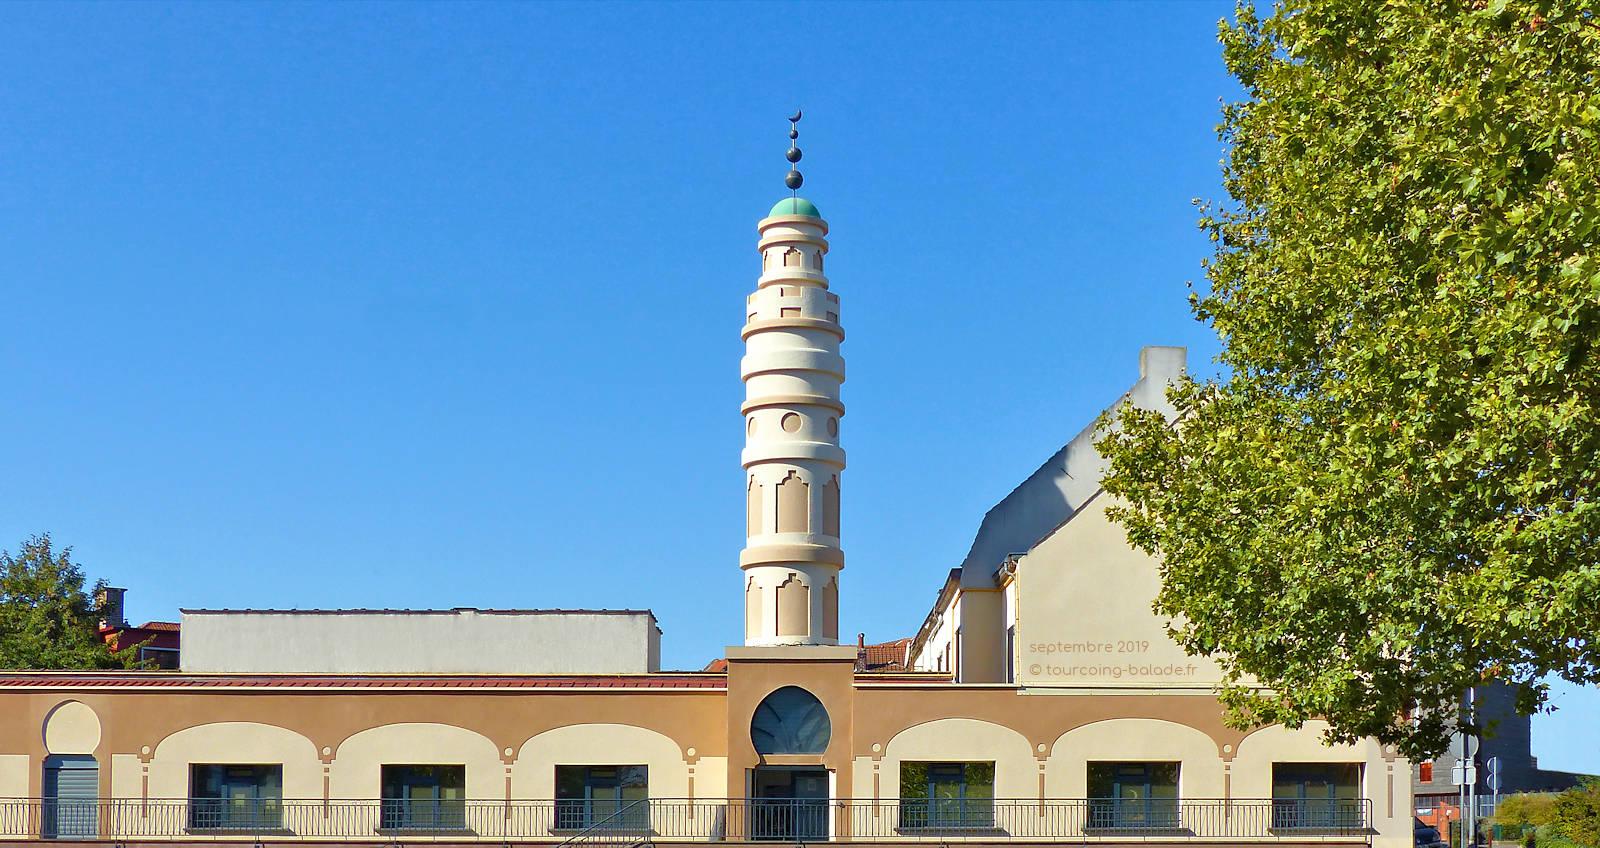 Mosquée As-Salam, Tourcoing - Rue de la Croix-Rouge.